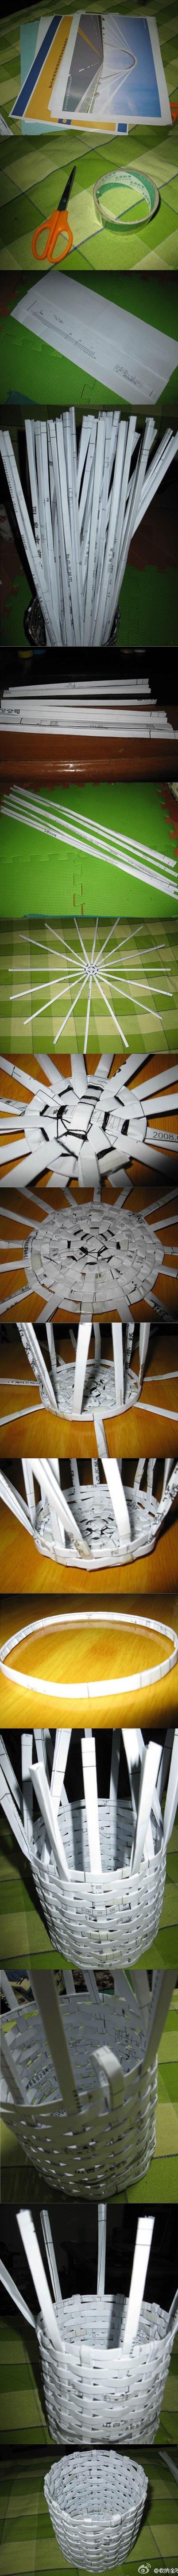 DIY-cestos-de-papel-de-periodico